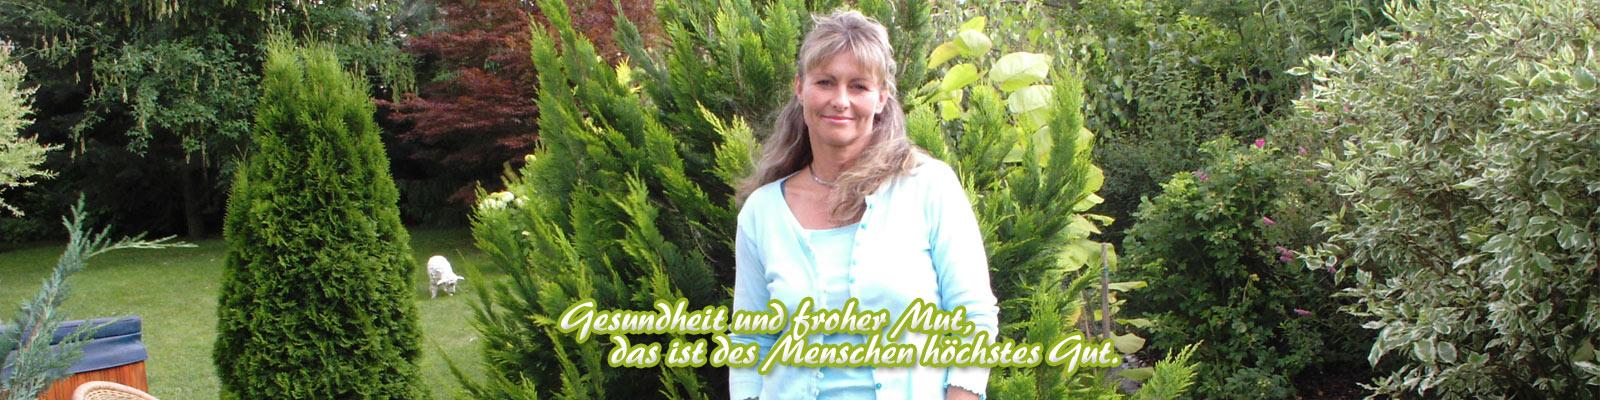 Yvonne Tränkner - Heilpraktikerin Burgau - Haldenwang